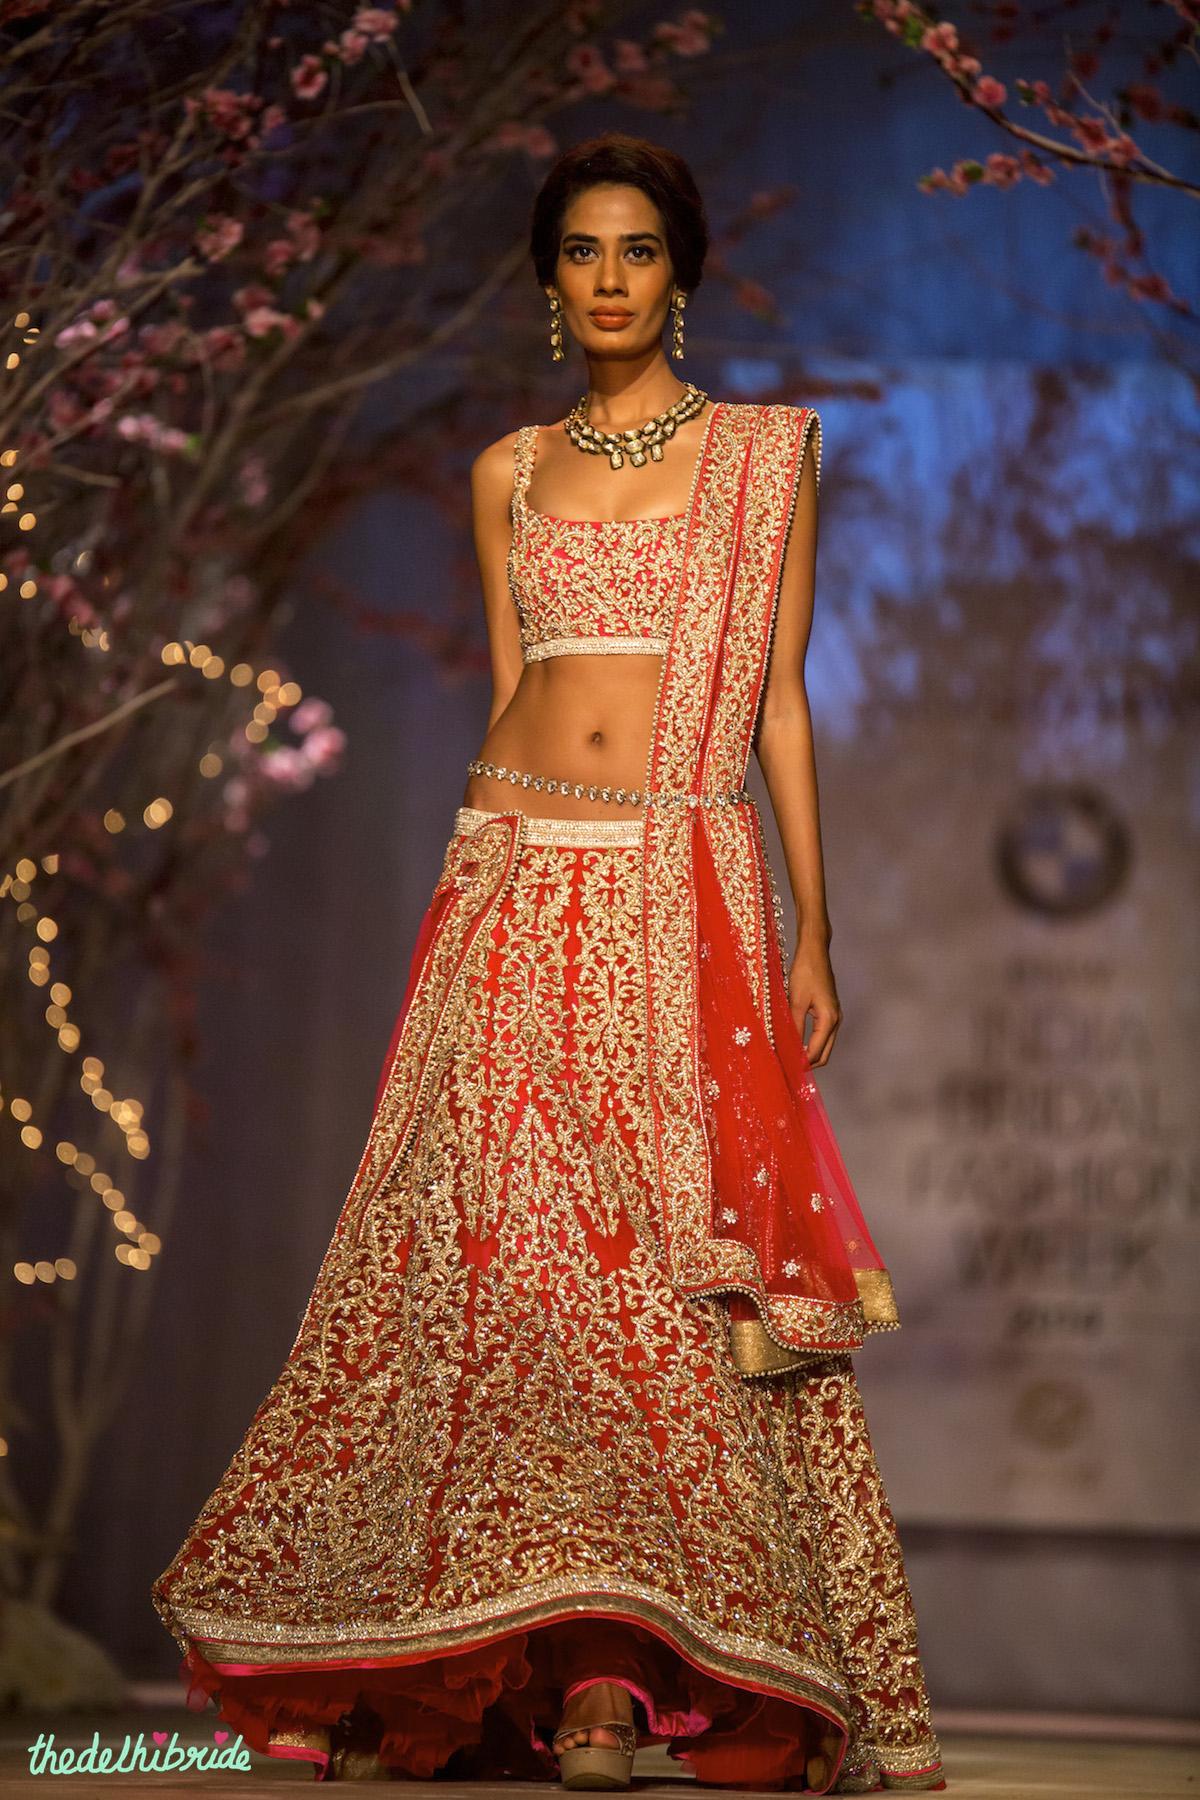 Red bridal lehenga – An Indian Wedding Blog